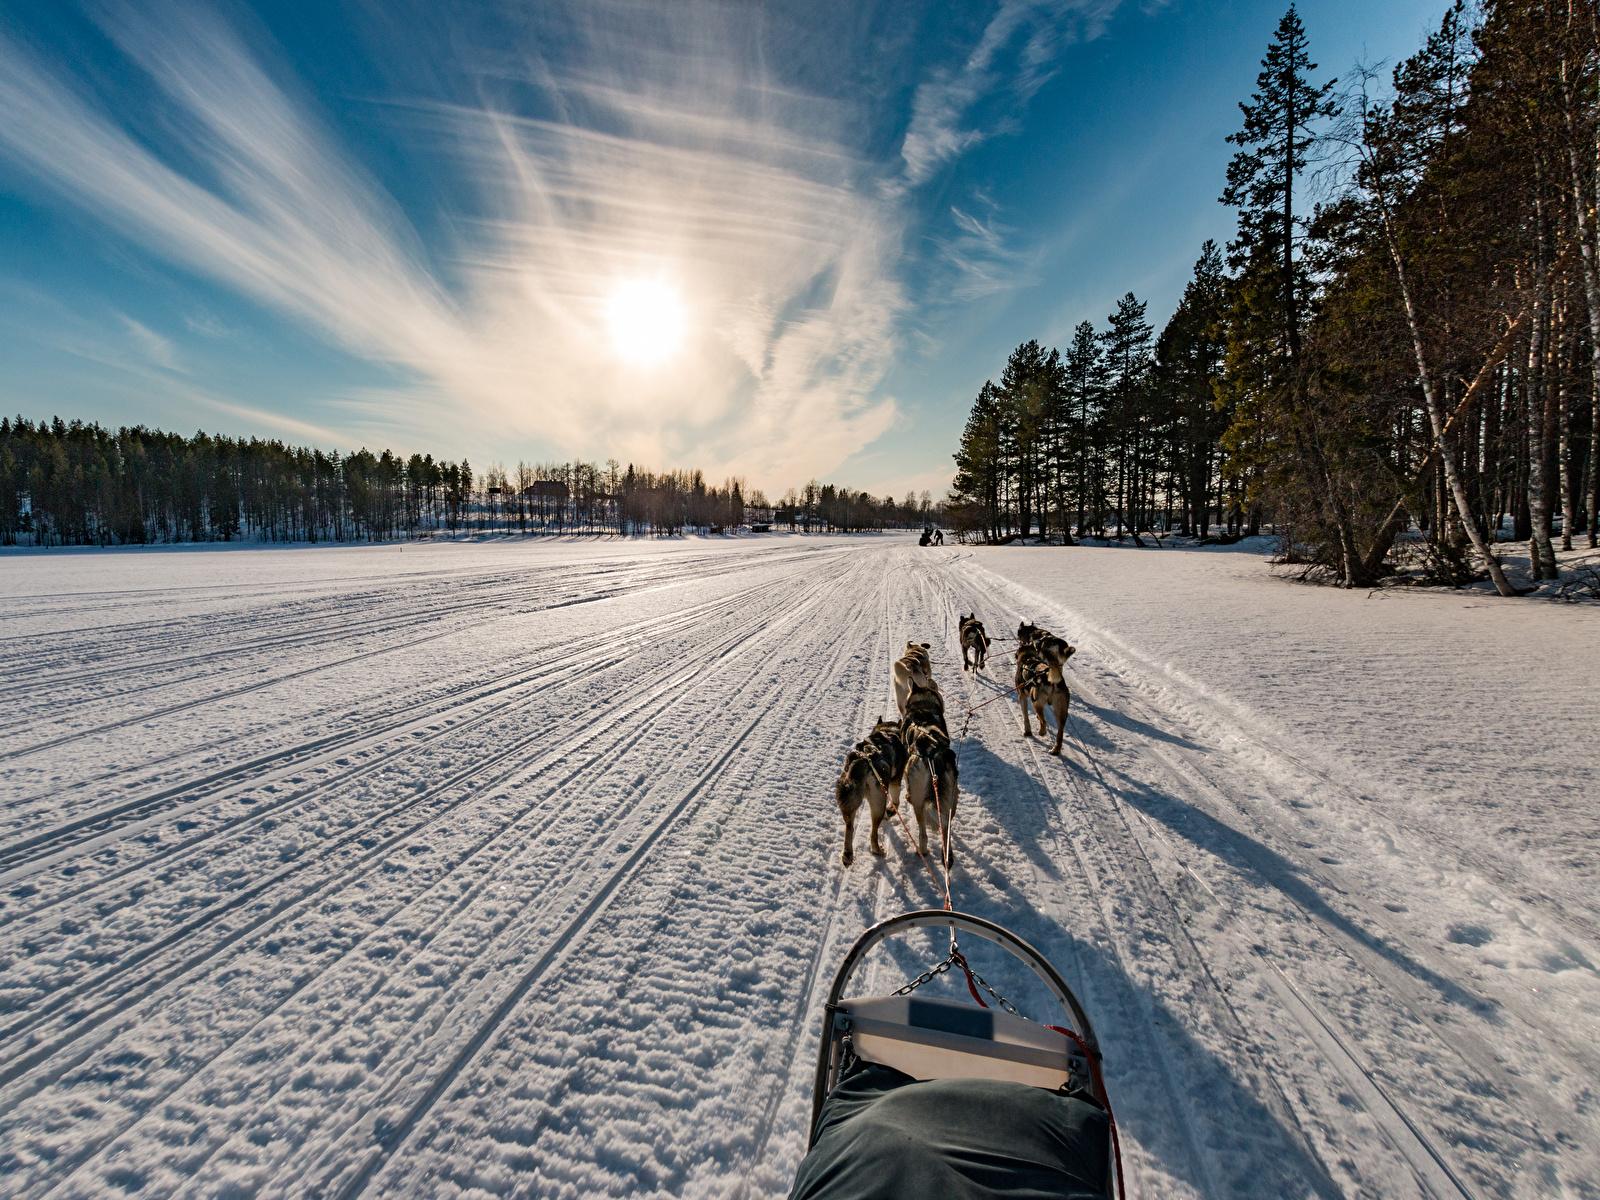 Фотографии Собаки Финляндия Northern Ostrobothnia зимние Природа Снег Дороги Рассветы и закаты 1600x1200 Зима